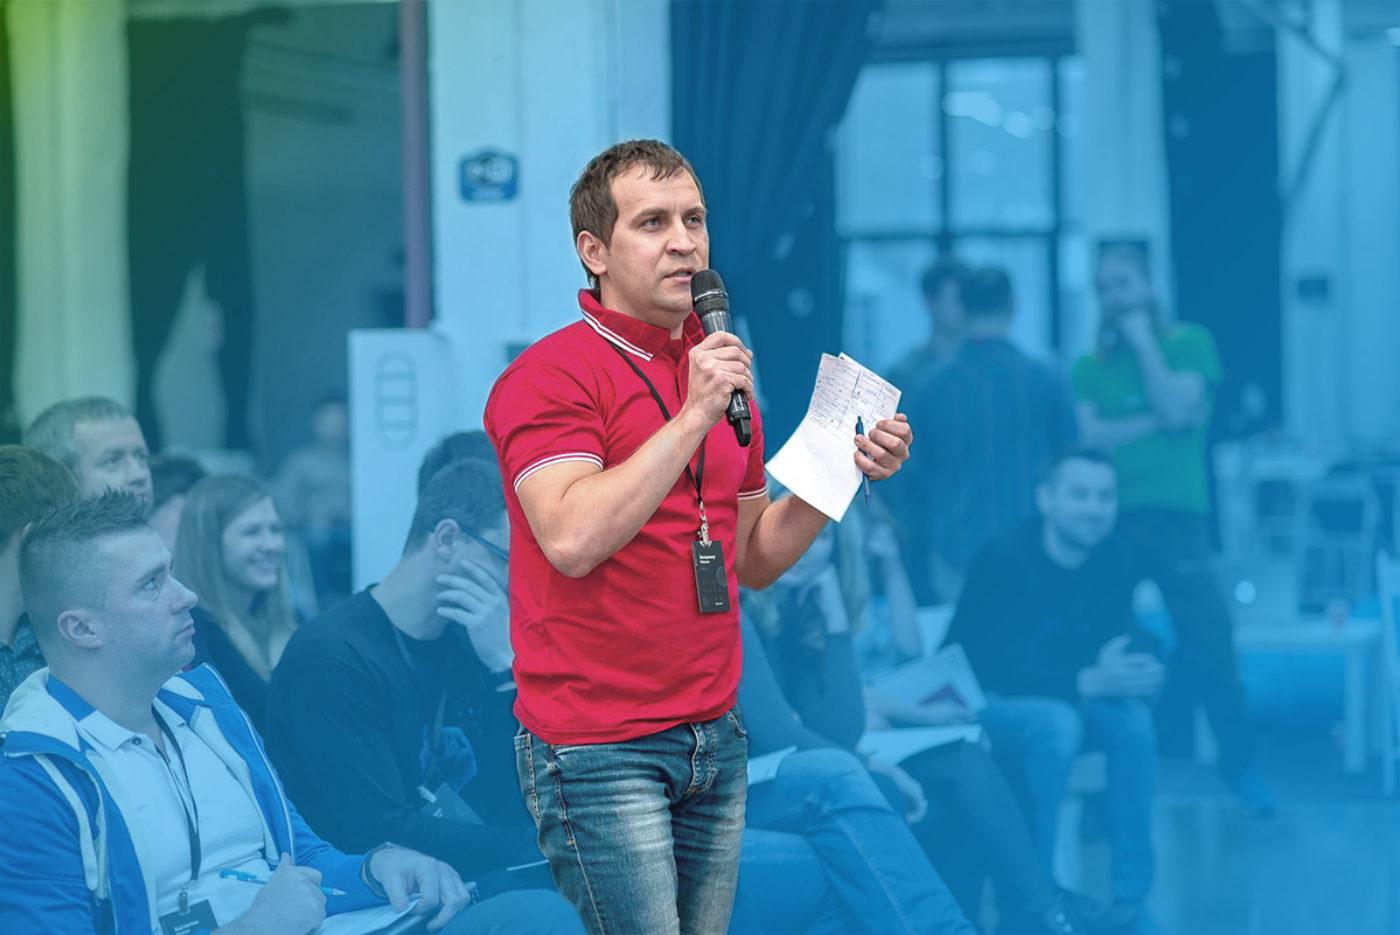 інтерв'ю:Лідер Big Data Team Vodafone Володимир Рибалко: «Ми першими з операторів створили Big Data Lab — майданчик для вивчення великих даних»